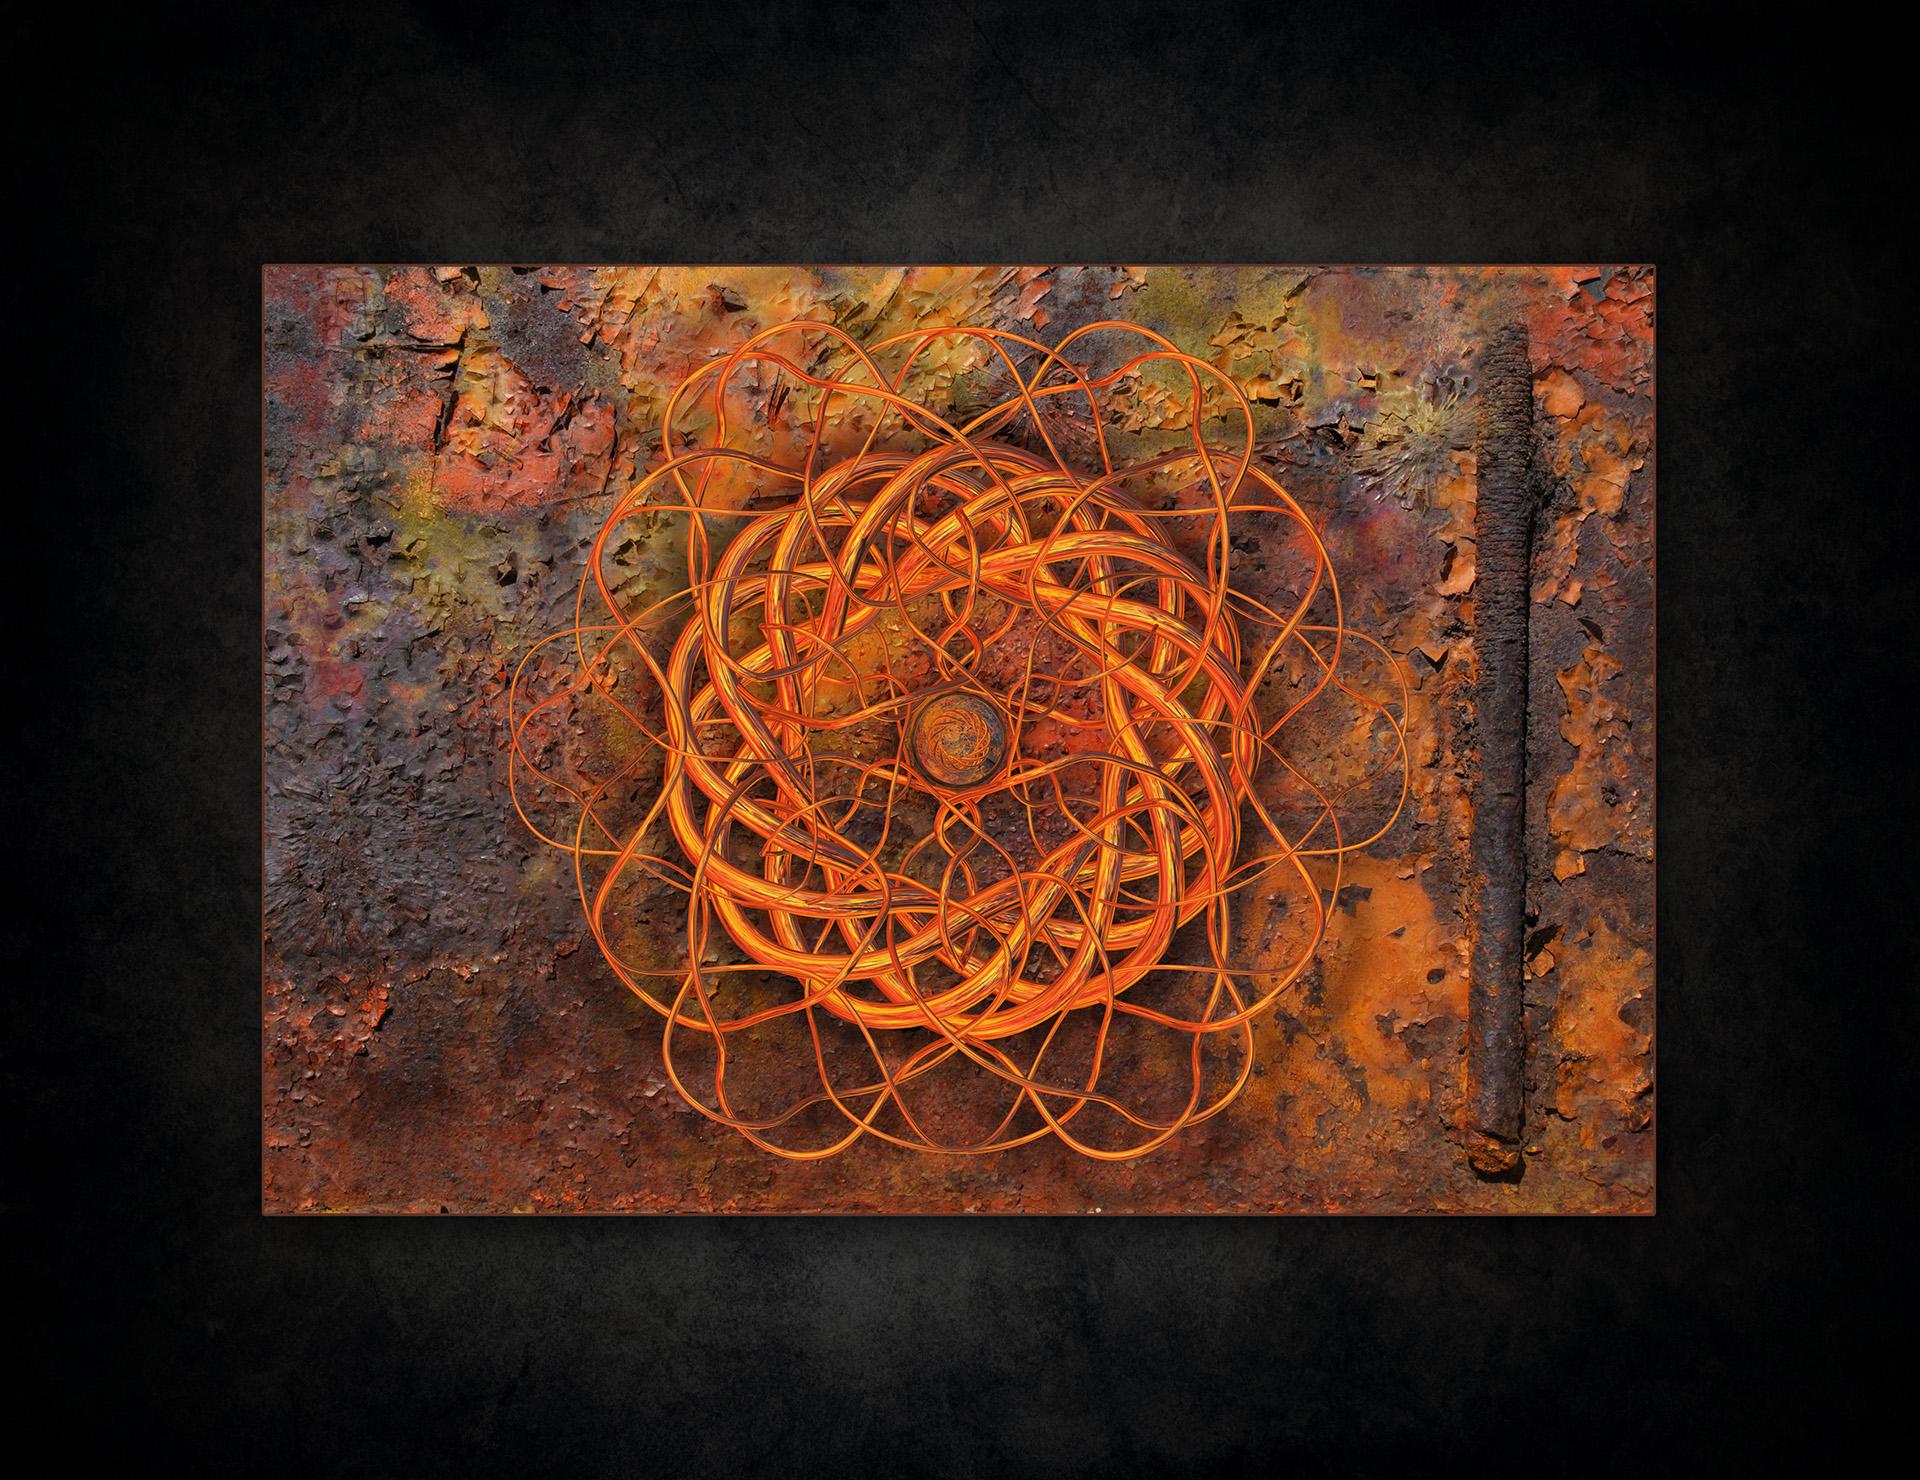 Textural_037 Knot Rustt.jpg